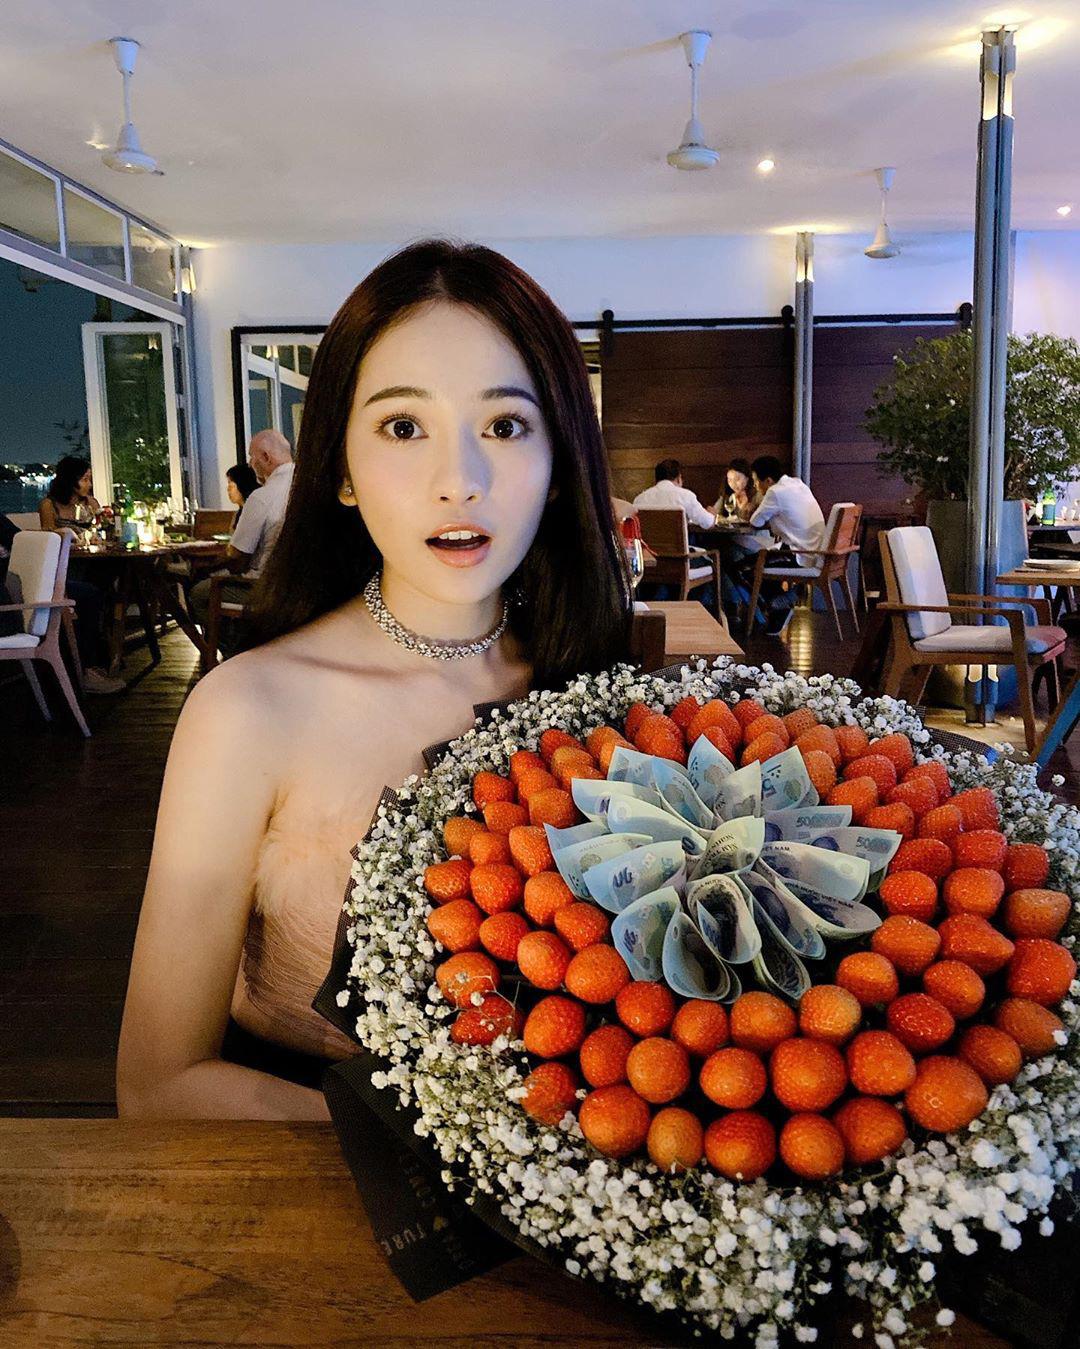 Hậu Valentine, sao Việt khoe quà khủng: Hoa ôm cả vòng tay không hết, không thiếu đồ hiệu, thậm chí có người còn được tặng xế hộp xa xỉ - Ảnh 6.